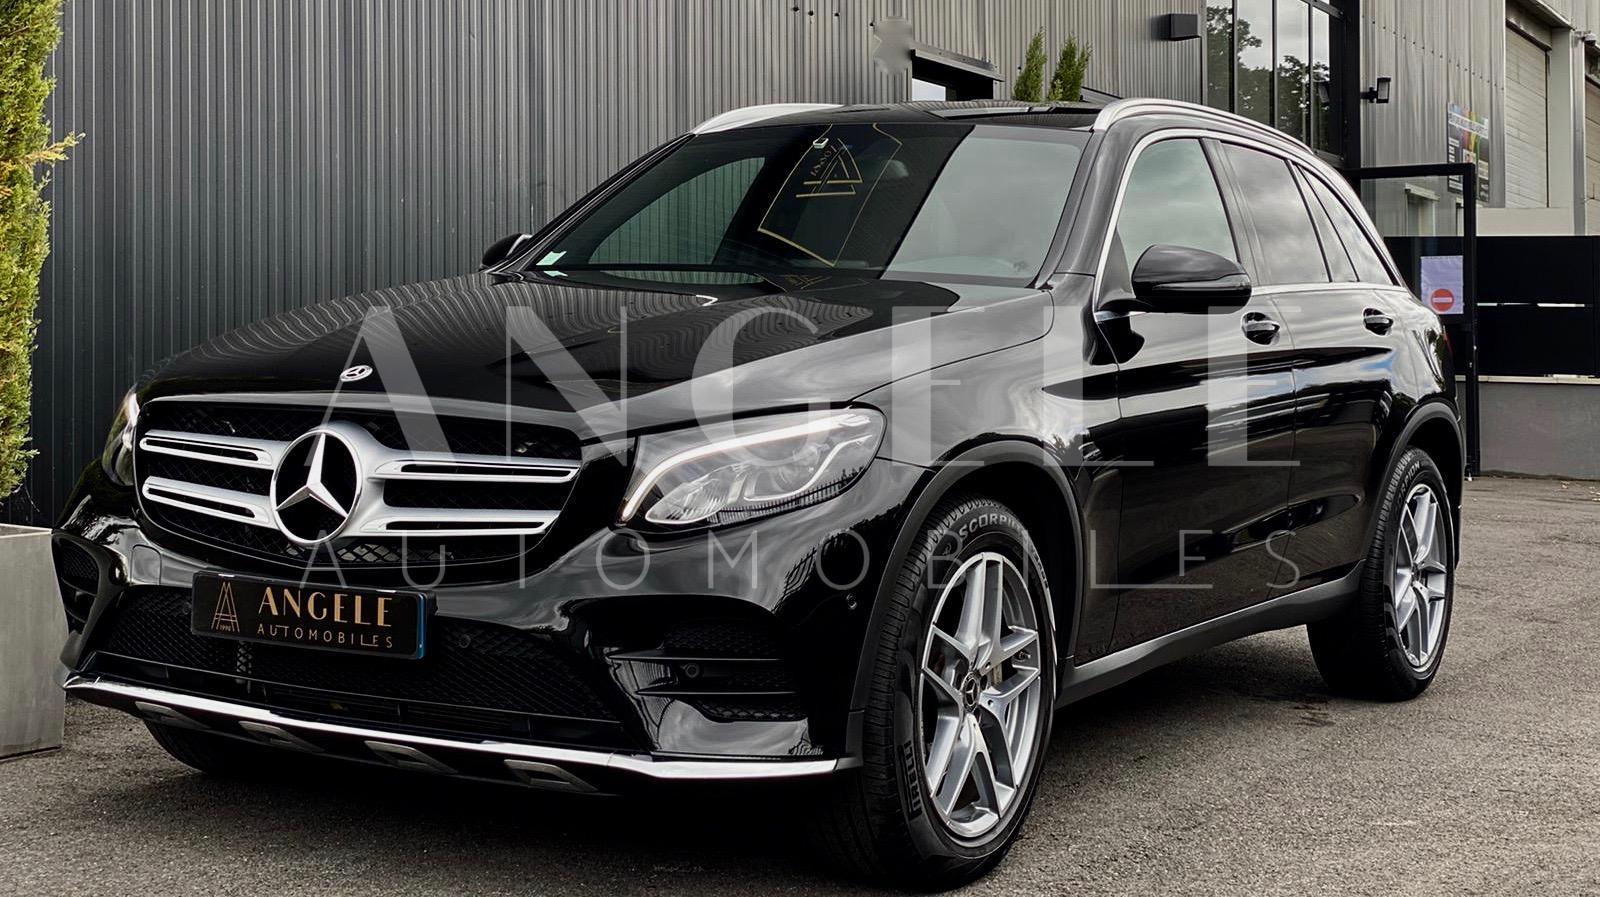 Mercedes Benz GLC Fascination